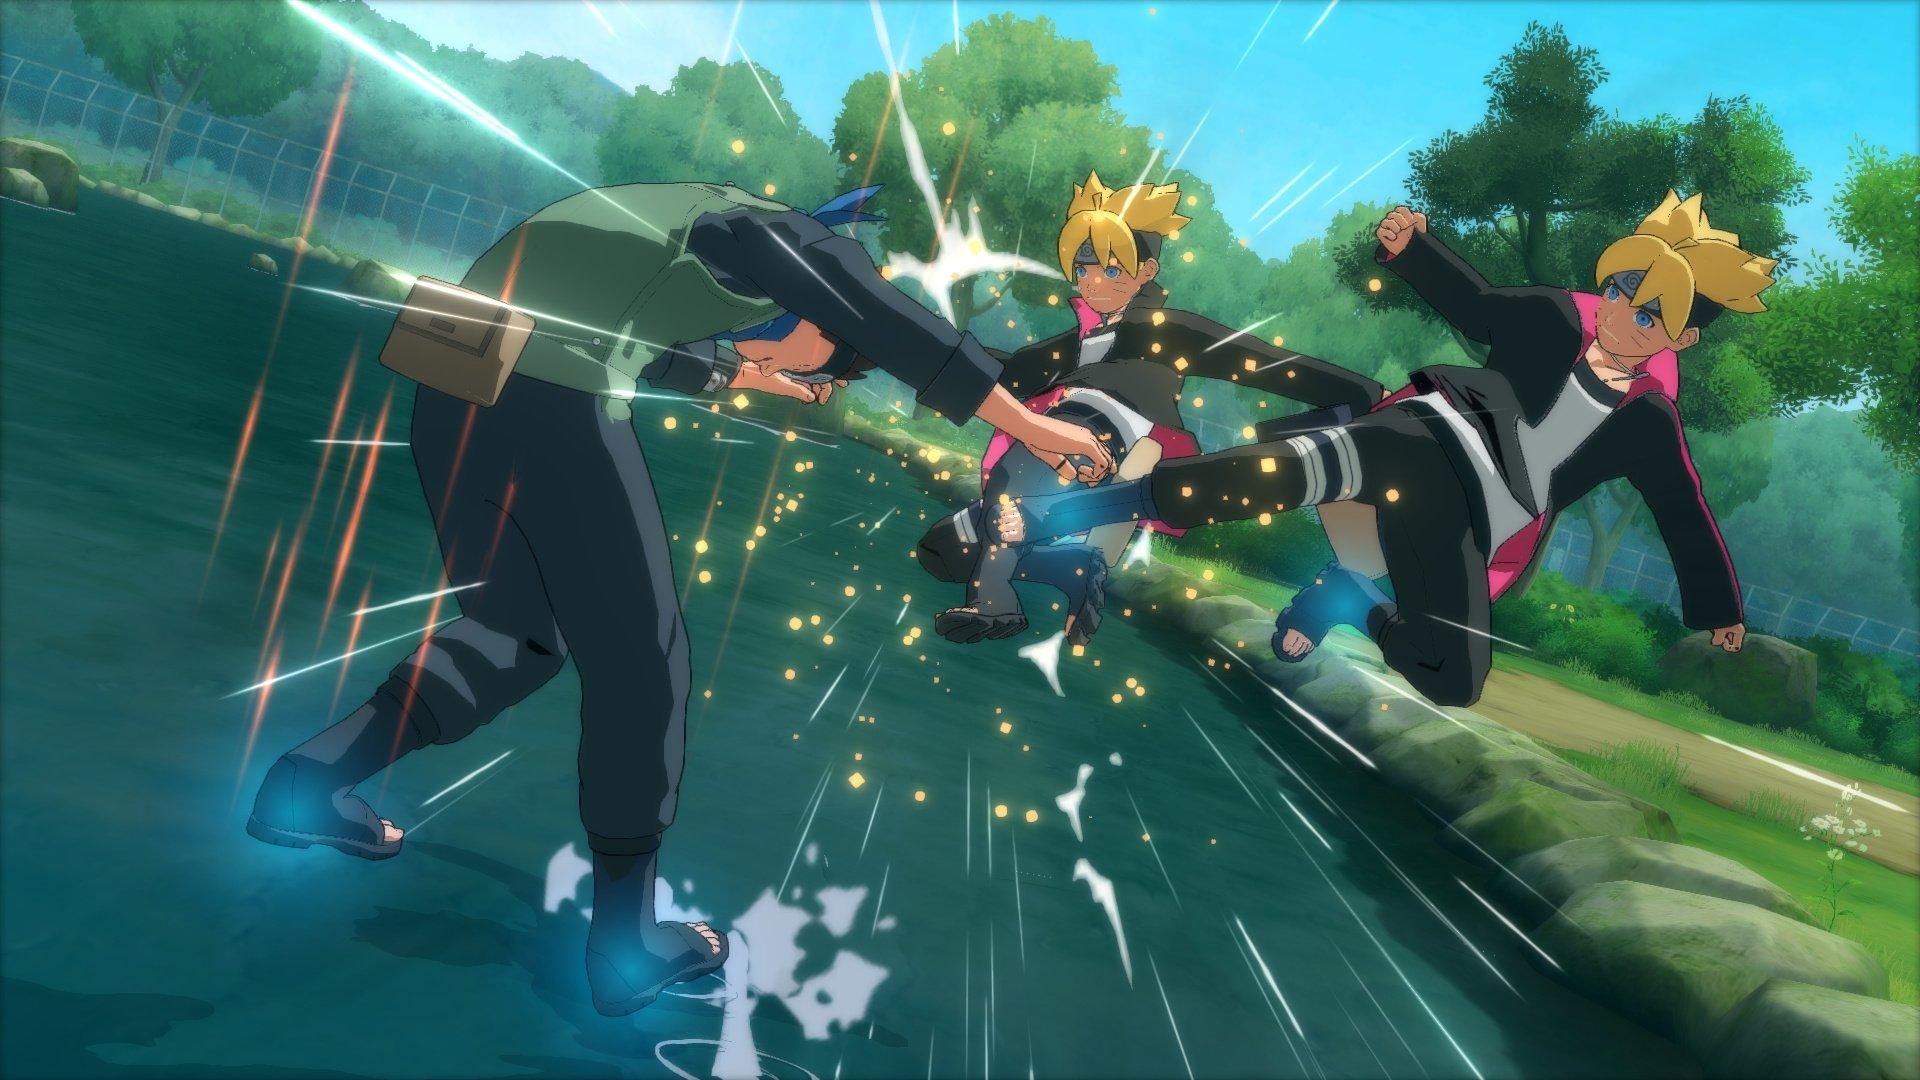 Naruto Storm 4: Road to Boruto (PS4 / PlayStation 4) Game